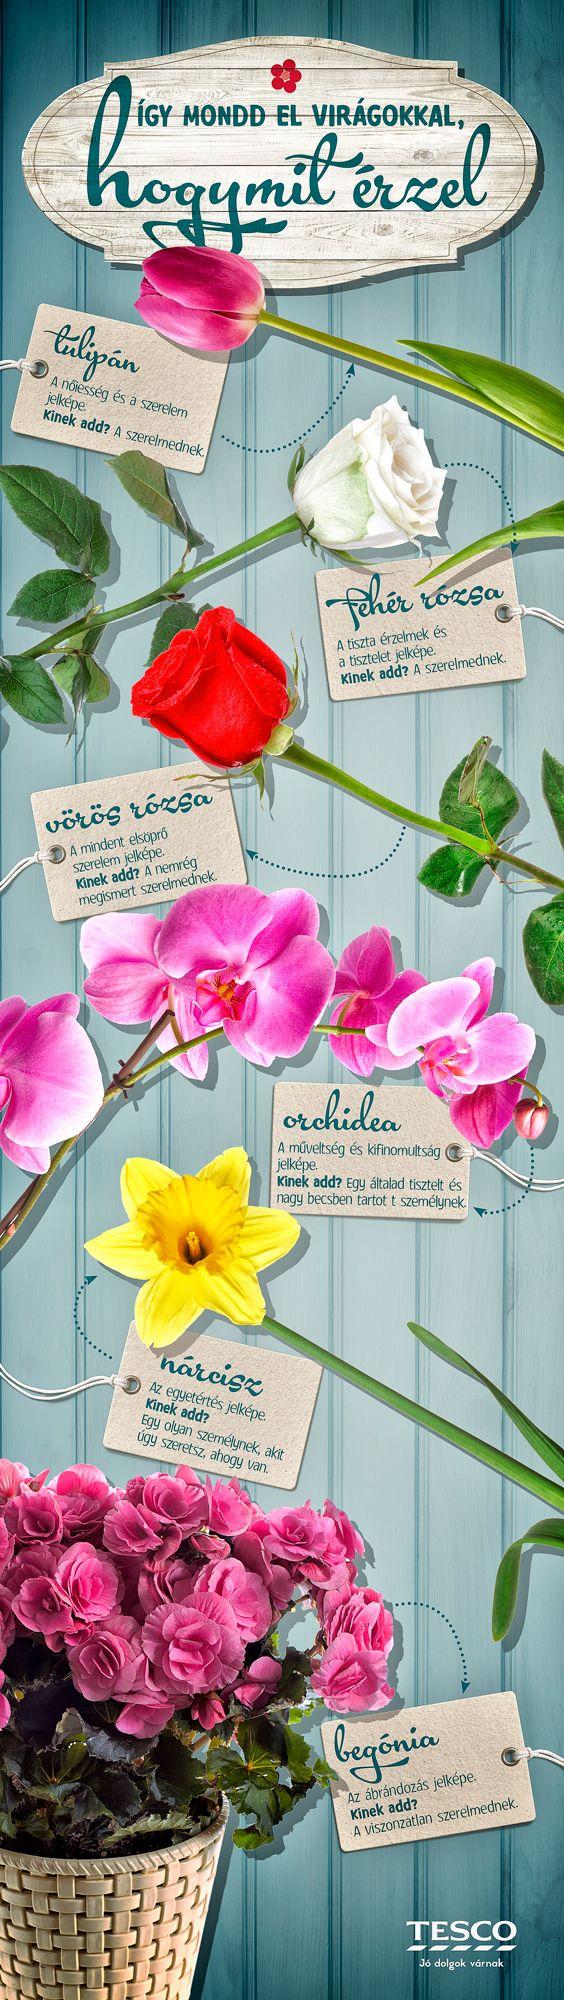 Virágot a virágnak, tartja a mondás, de melyik virágnak, milyen virágot illik adni? Ebből a Pin-ből megtudhatod! :) #nonap #rozsa #narcisz #begonia #orchidea #tulipan